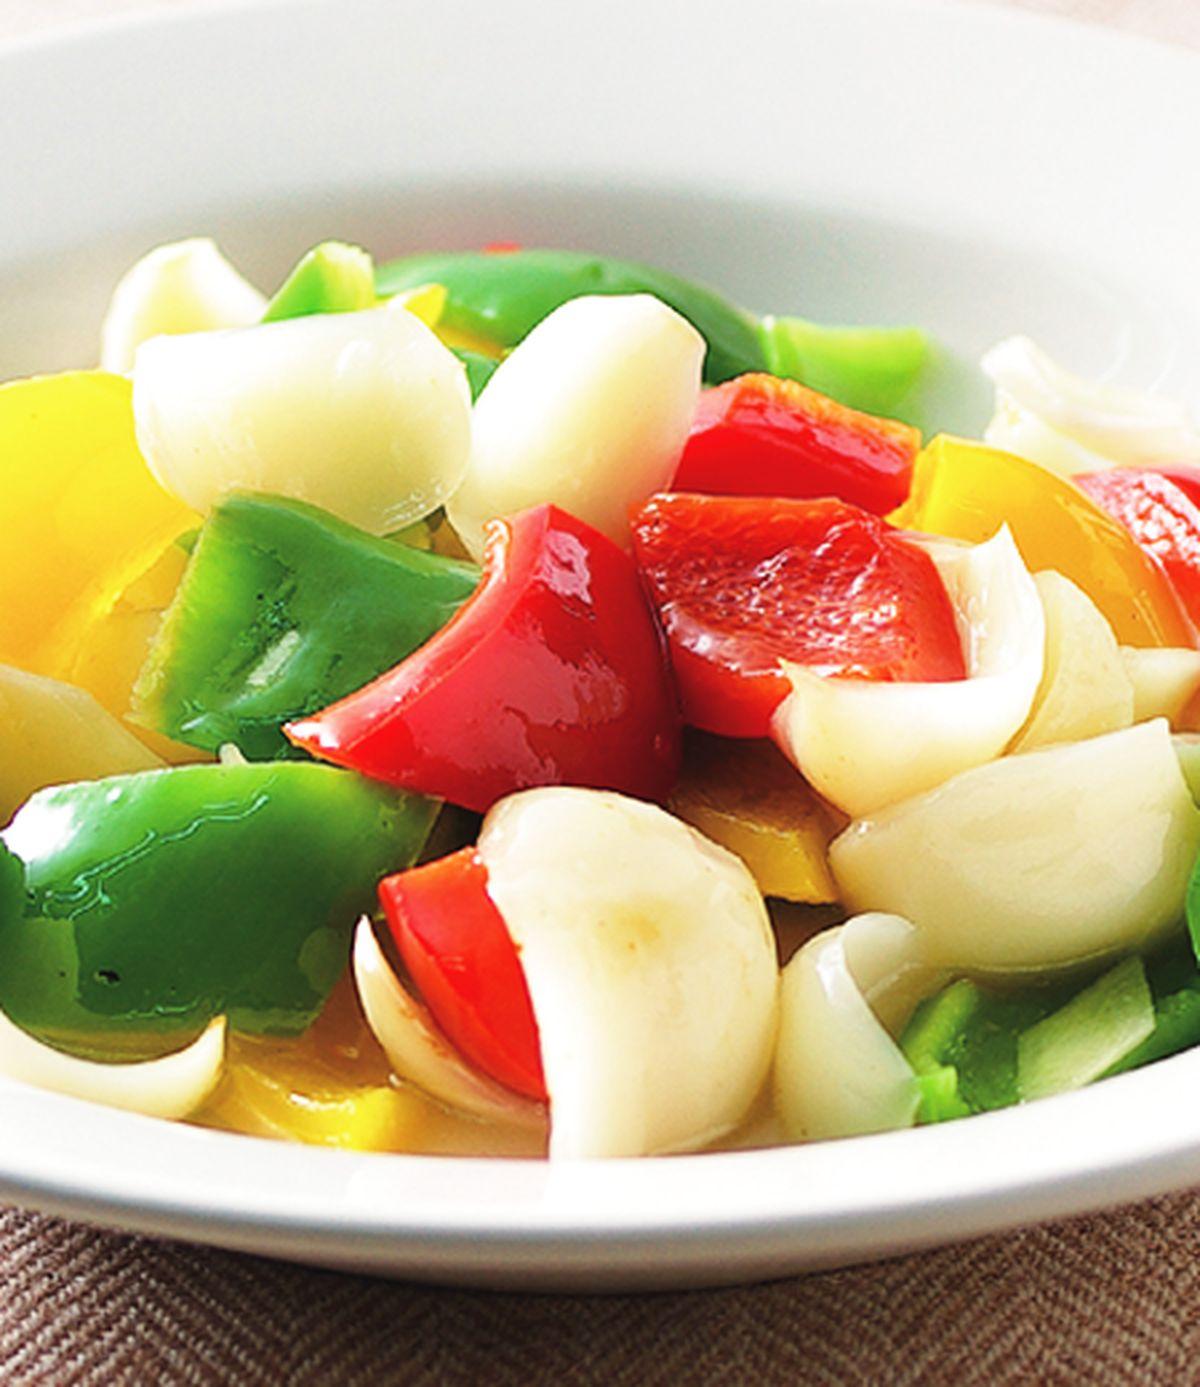 食譜:彩椒炒百合